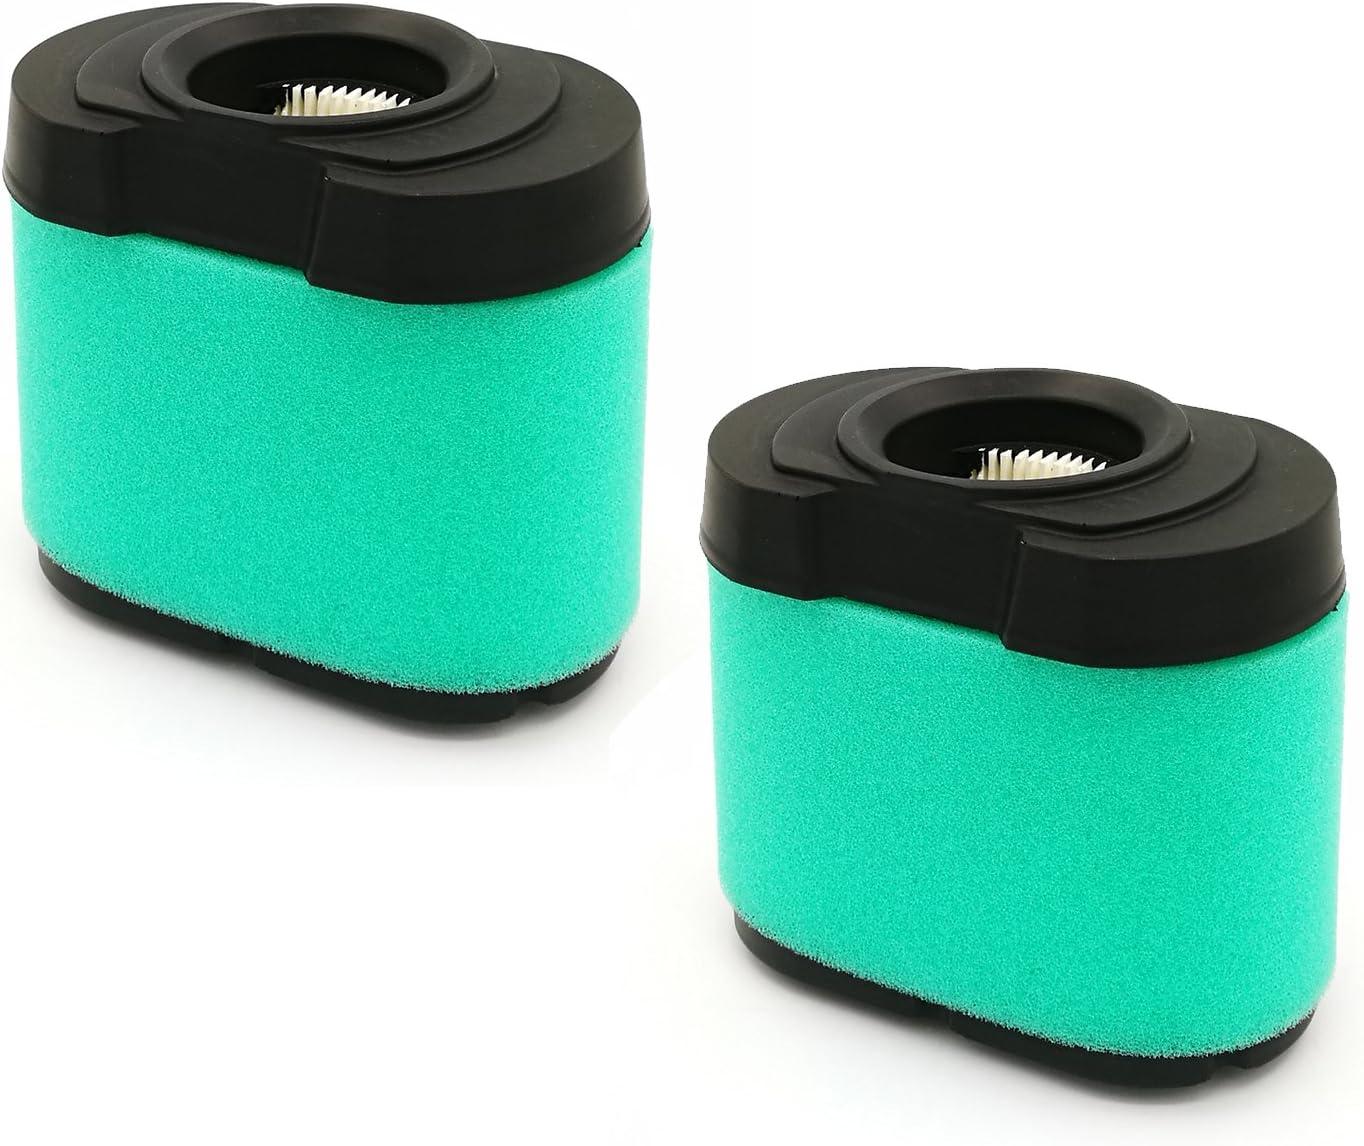 Amazon.com: 2 unidades Limpiador de filtro de aire para ...